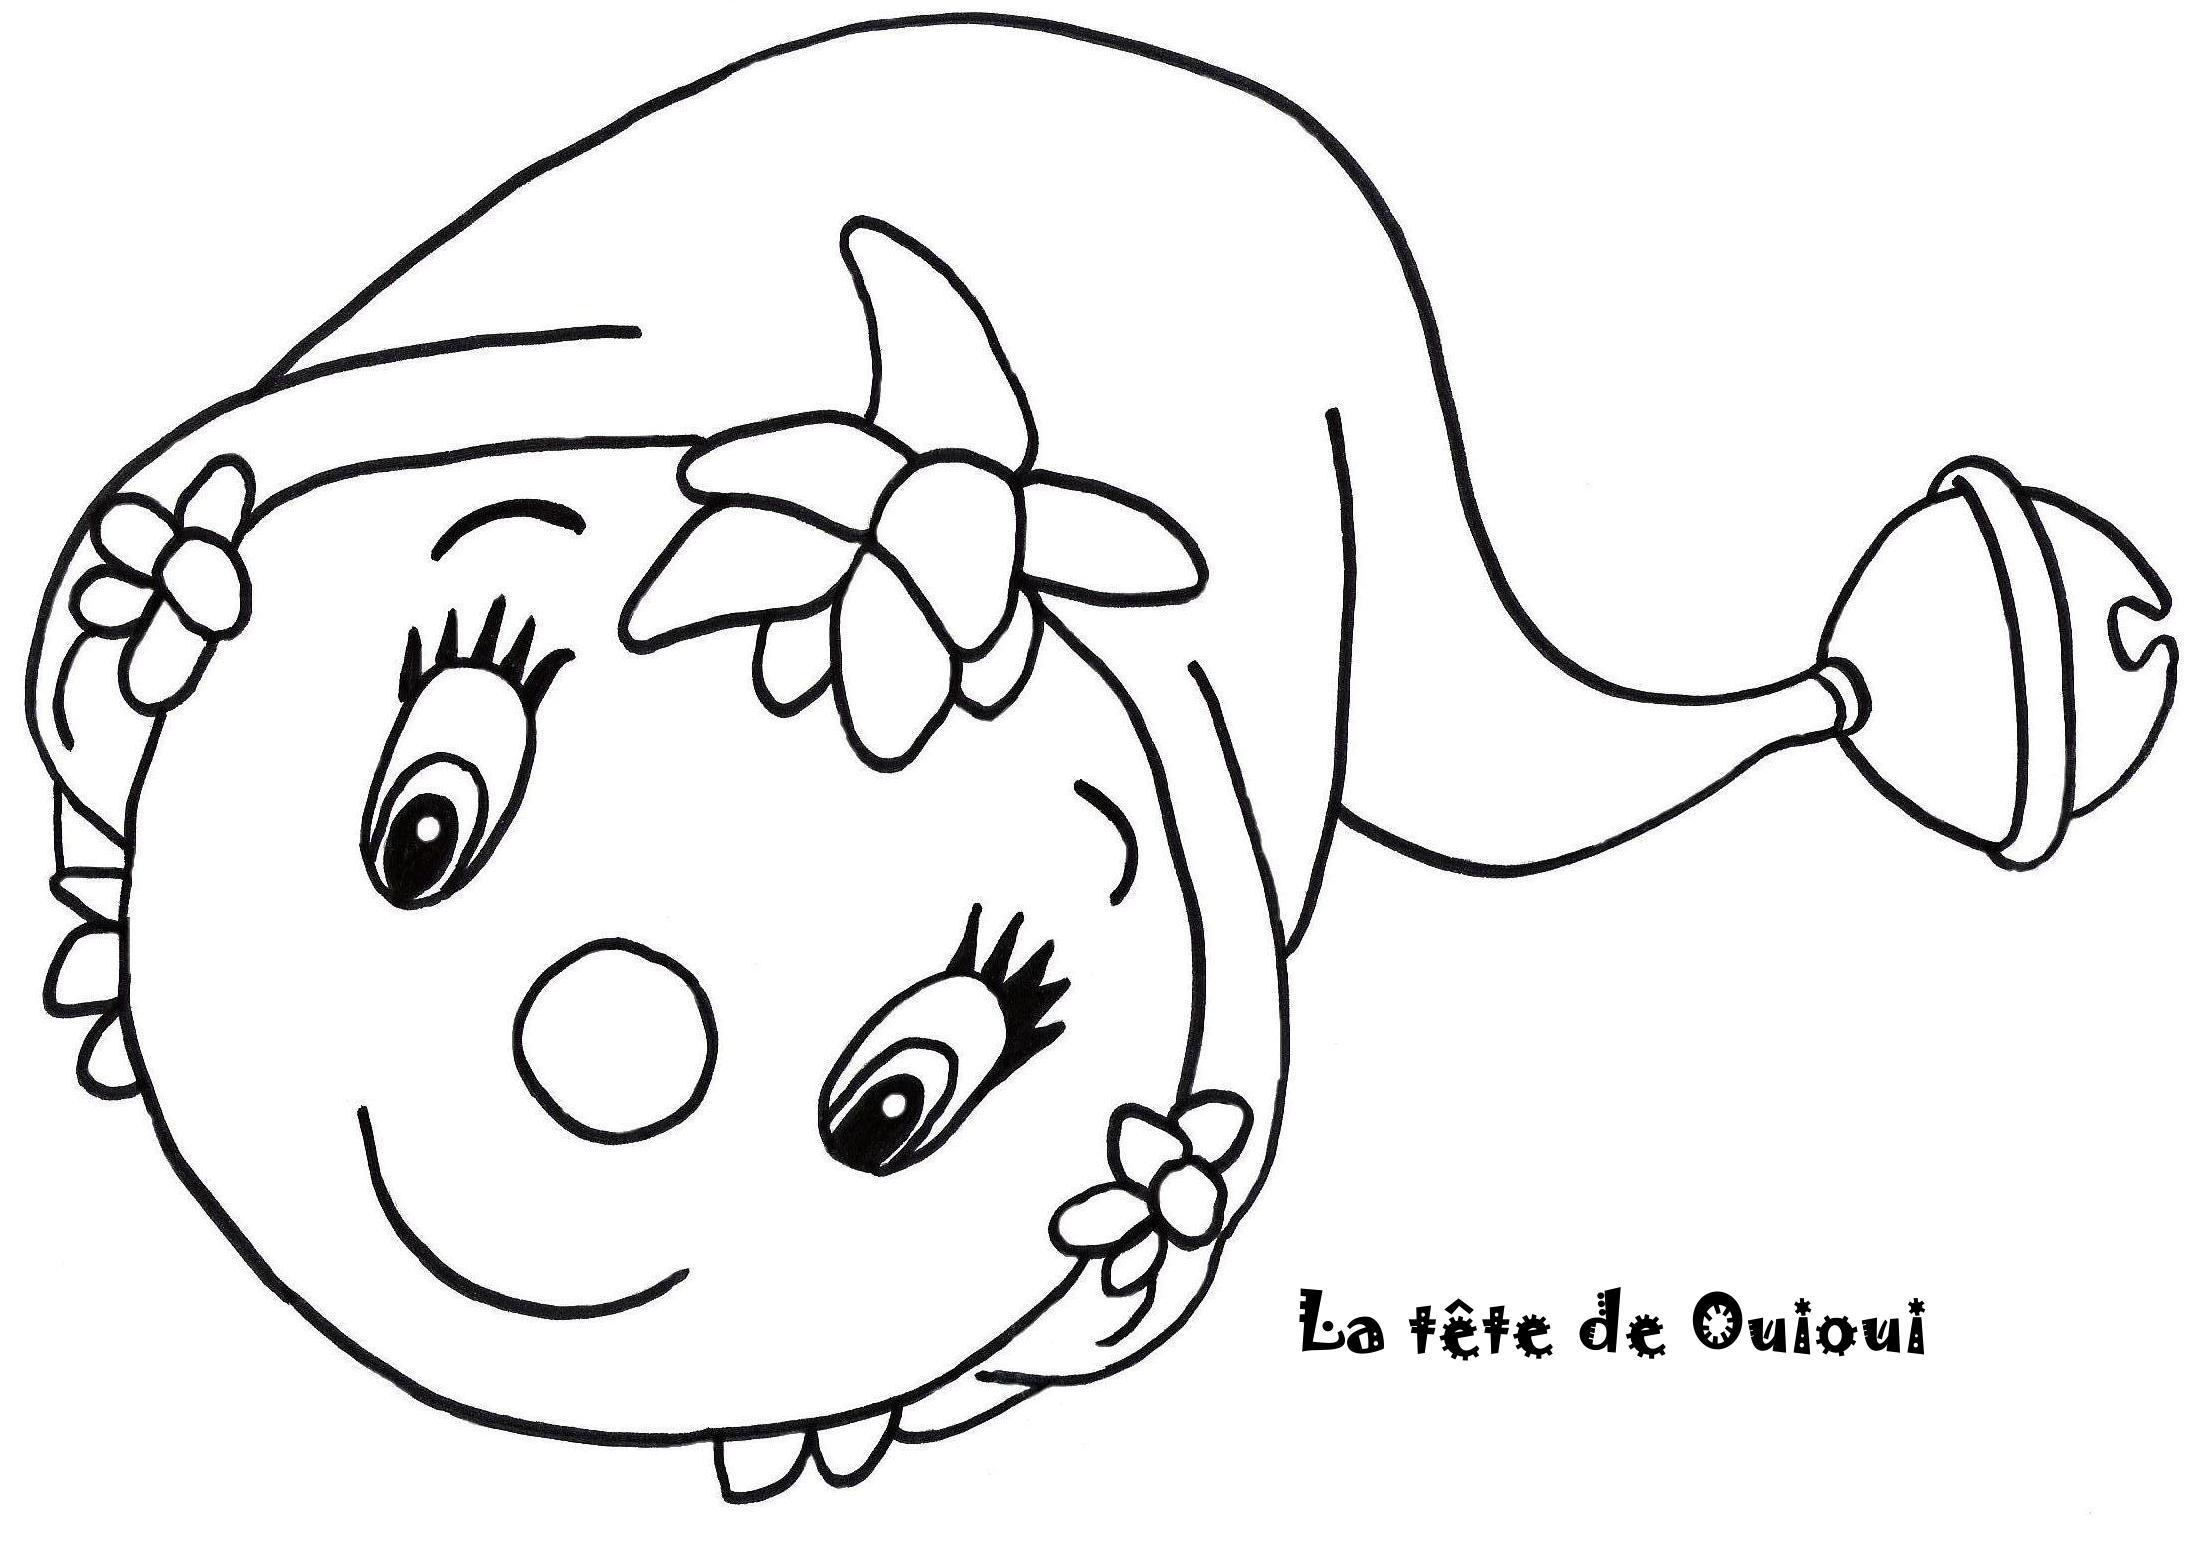 Dessin gratuit oui oui a imprimer - Le dessin anime oui oui ...